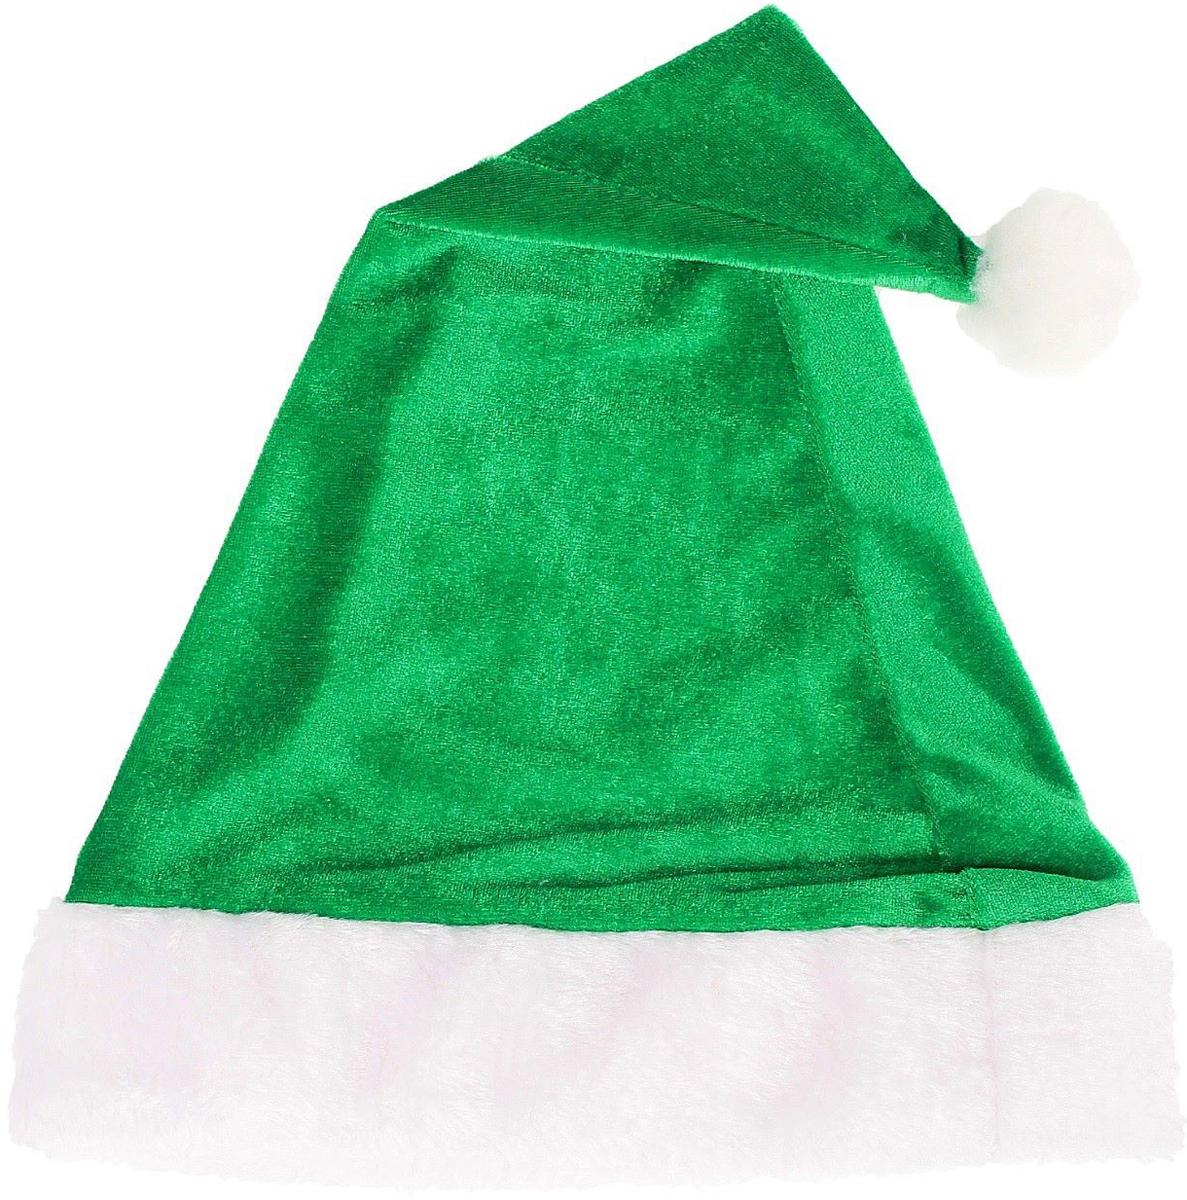 Колпак новогодний Мягкий, цвет: зеленый, 28 х 40 см2352010Колпак - традиционный новогодний головной убор, который дополнит любой праздничный костюм. Будет это корпоративная вечеринка, утренник в школе или отдых в компании друзей - изделие поднимет настроение, где бы вы ни находились.Колпачок подойдет тем, кто собирается отмечать зимний праздник в помещении. В противном случае его следует надеть на теплую шапку, чтобы не простудиться.